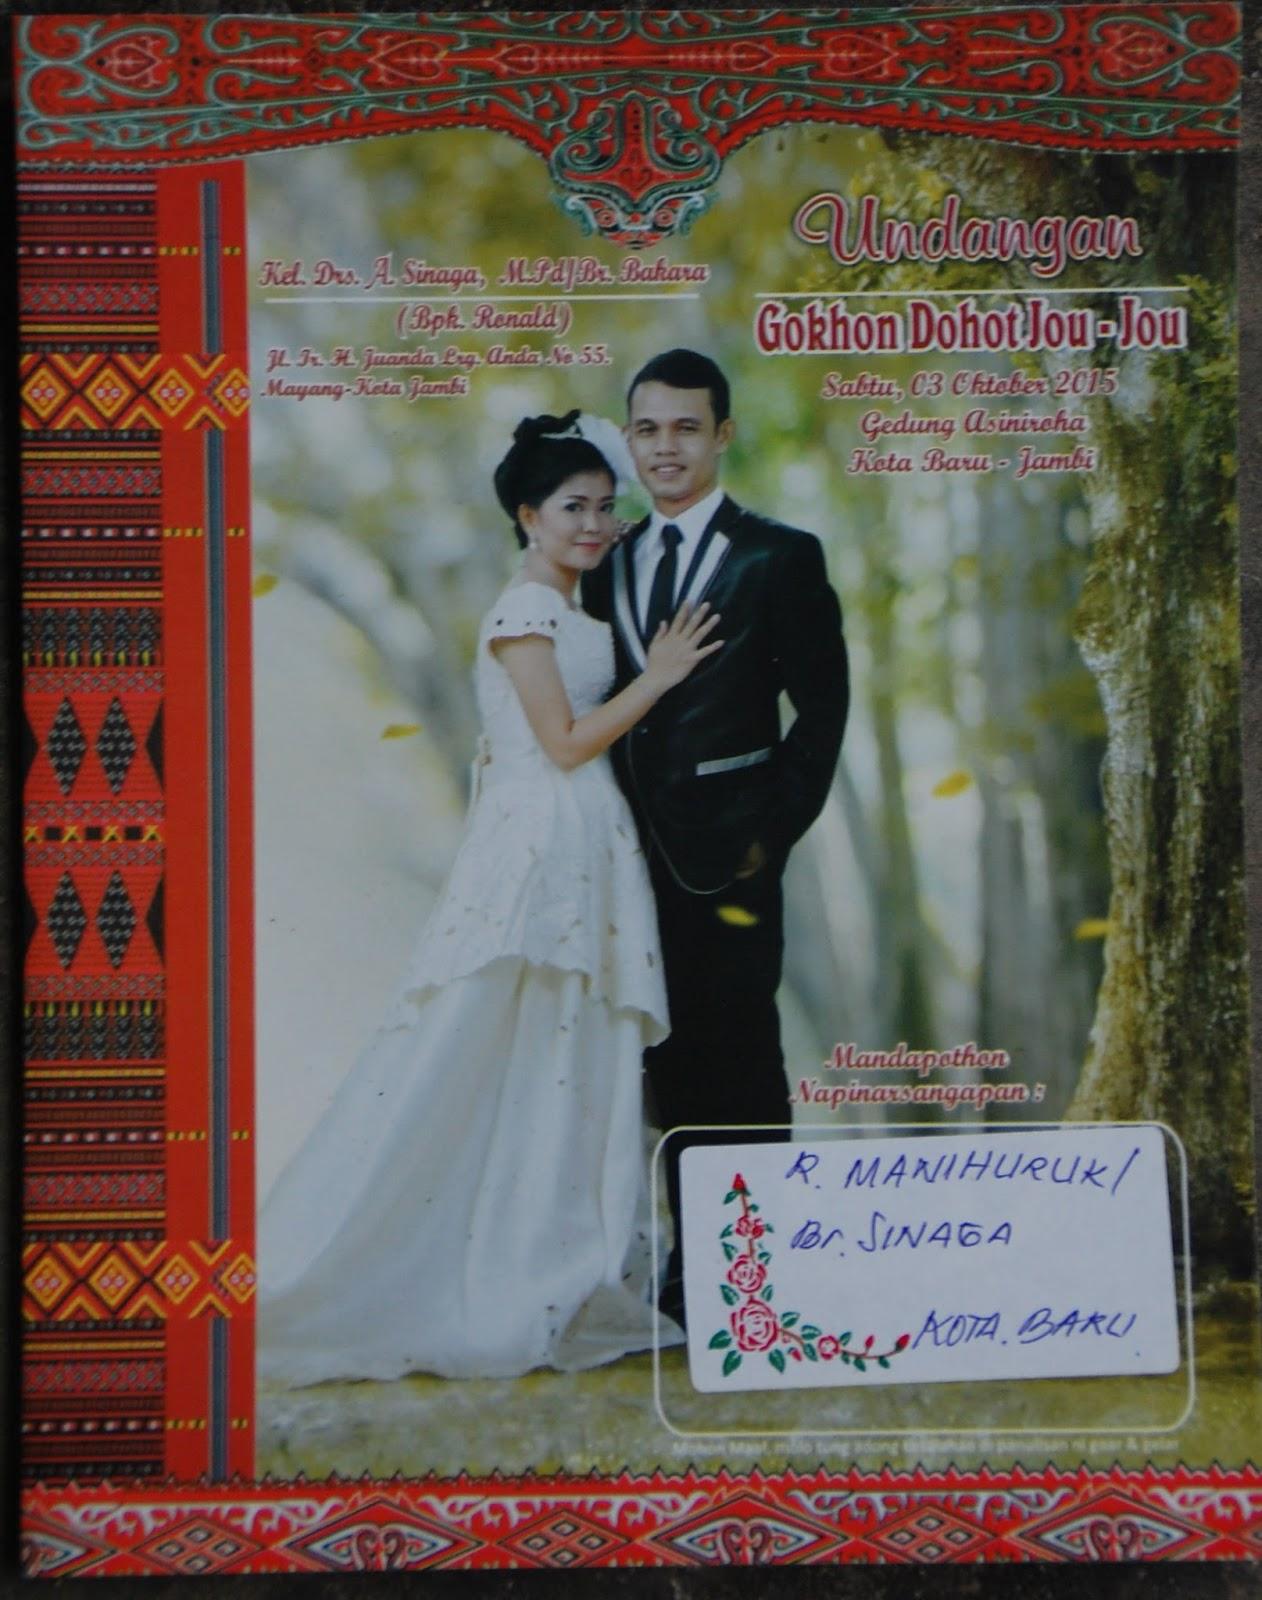 Contoh Undangan Pernikahan Contoh Undangan Pernikahan Batak Toba